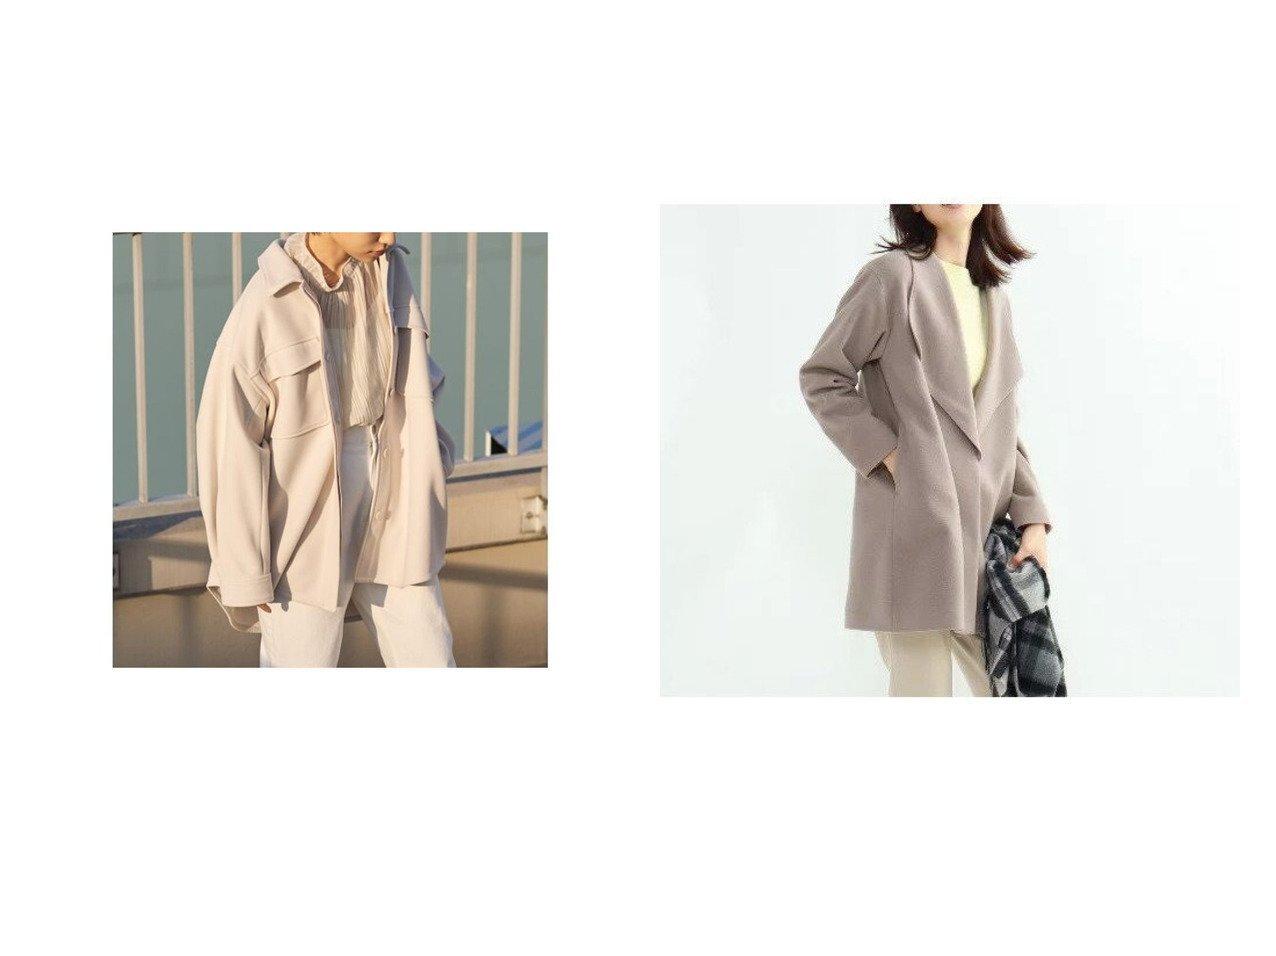 【INDIVI/インディヴィ】のビーバービックカラーコート&【SNIDEL/スナイデル】のCPOジャケット アウターのおすすめ!人気トレンド・レディースファッションの通販 おすすめで人気の流行・トレンド、ファッションの通販商品 メンズファッション・キッズファッション・インテリア・家具・レディースファッション・服の通販 founy(ファニー) https://founy.com/ ファッション Fashion レディースファッション WOMEN アウター Coat Outerwear ジャケット Jackets コート Coats アクリル 春 ジャケット スマート トレンド フロント ロング イタリア ストレート ダウン テーパード デニム ドロップ ハイネック フォルム ボトム ポケット ミドル メルトン 冬 Winter |ID:crp329100000008595